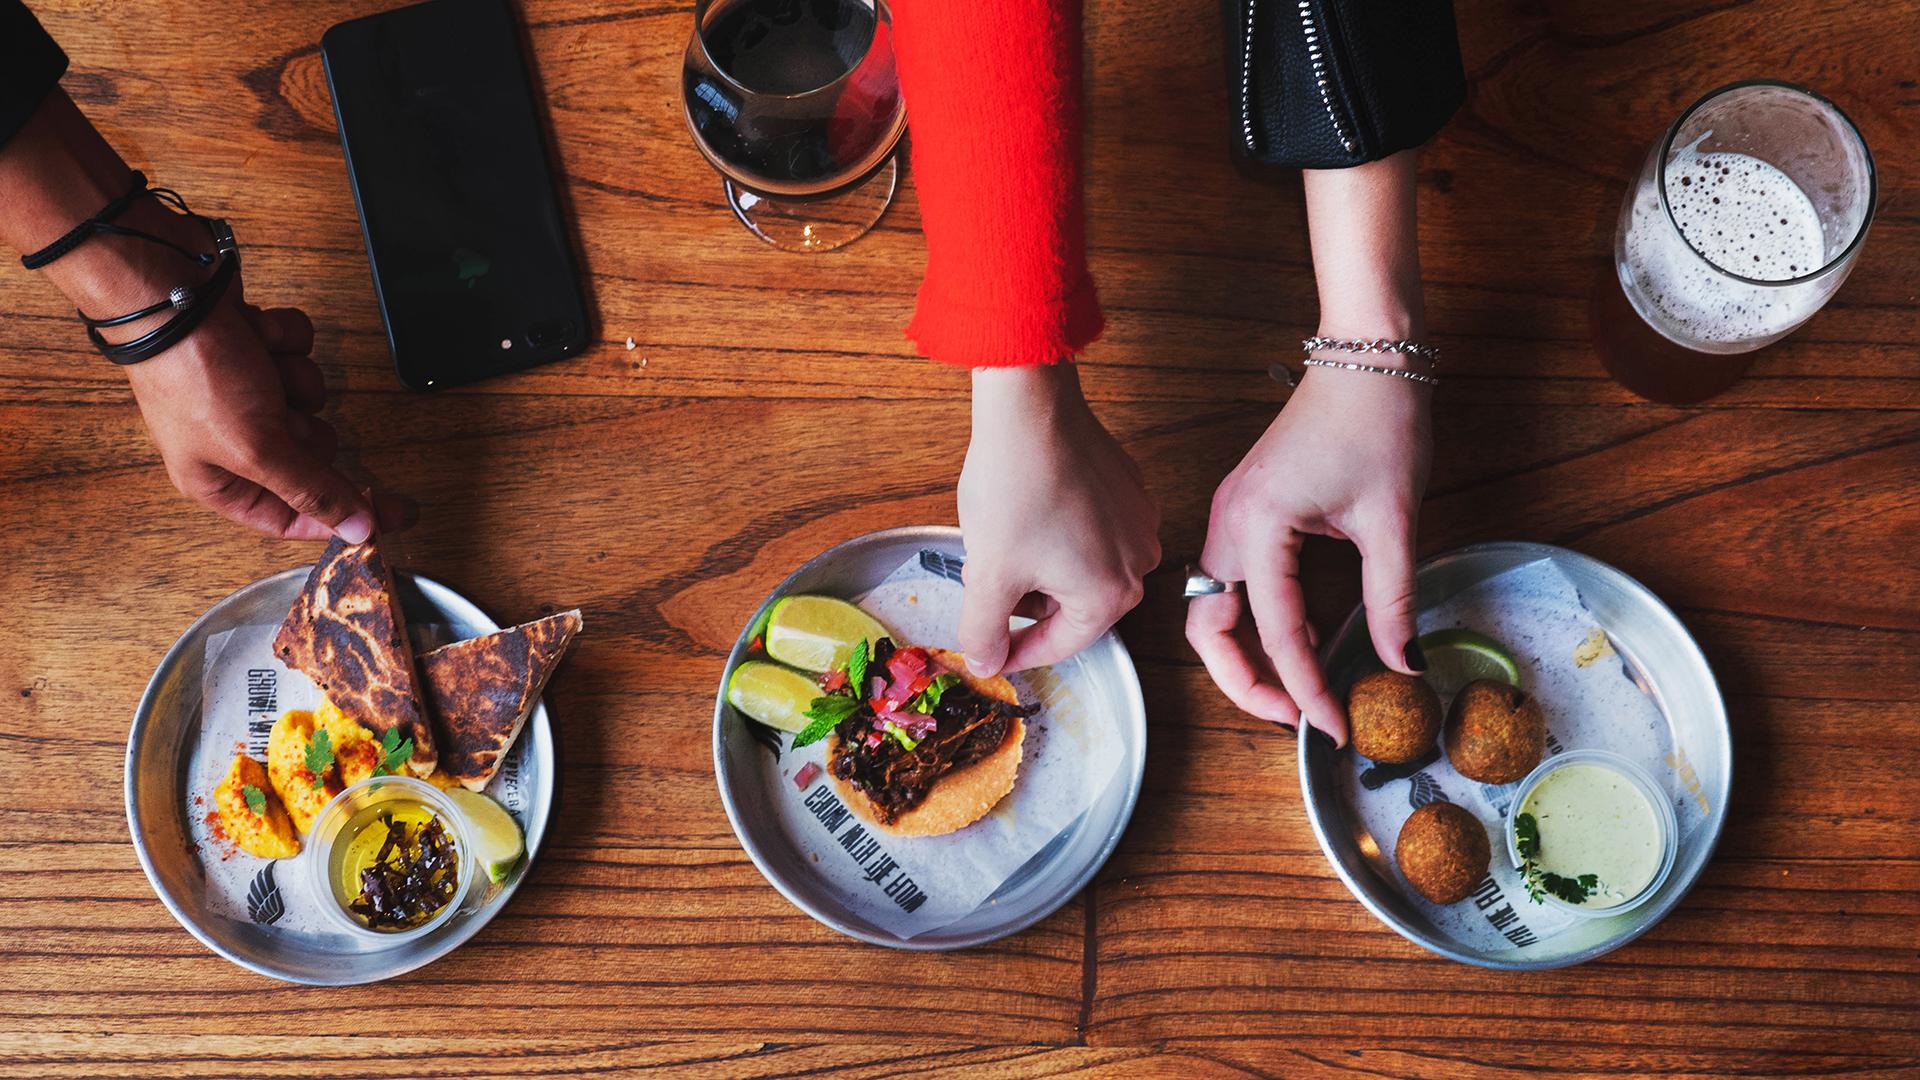 Con propuestas caseras y de inspiración callejera, la carta de comidas de la cervecería Growlers sugiere diversas opciones de platos para picar